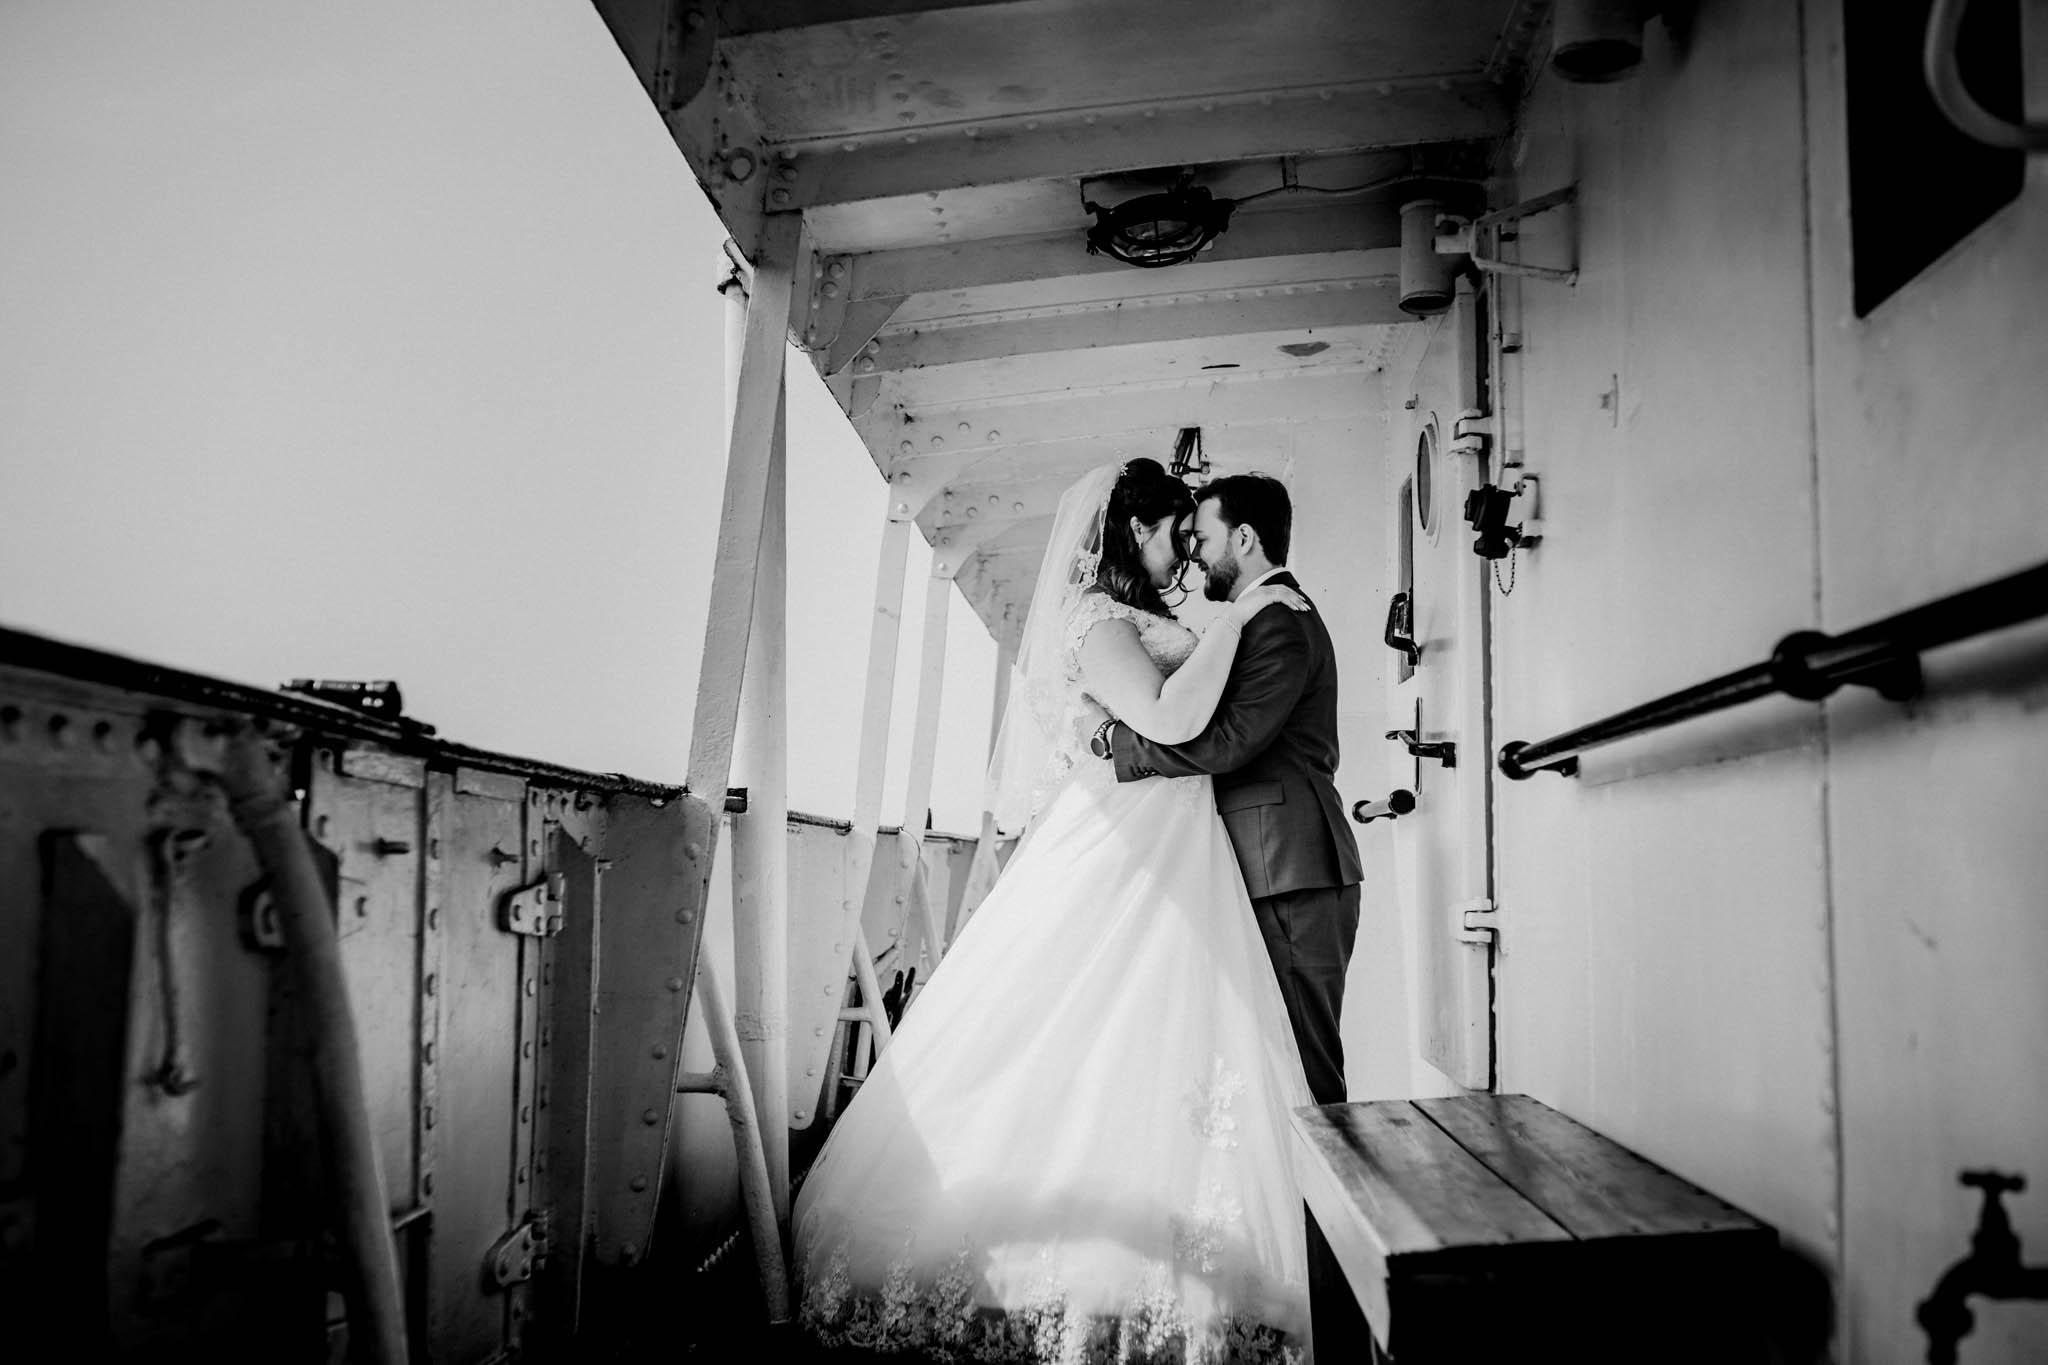 Hochzeitsfieber by Photo-Schomburg, Hochzeitsfotograf, Hamburg, Altona, wedding, Standesamt Altona, Appen, Hochzeitsshooting, Hochzeitstag, Brautpaar-79